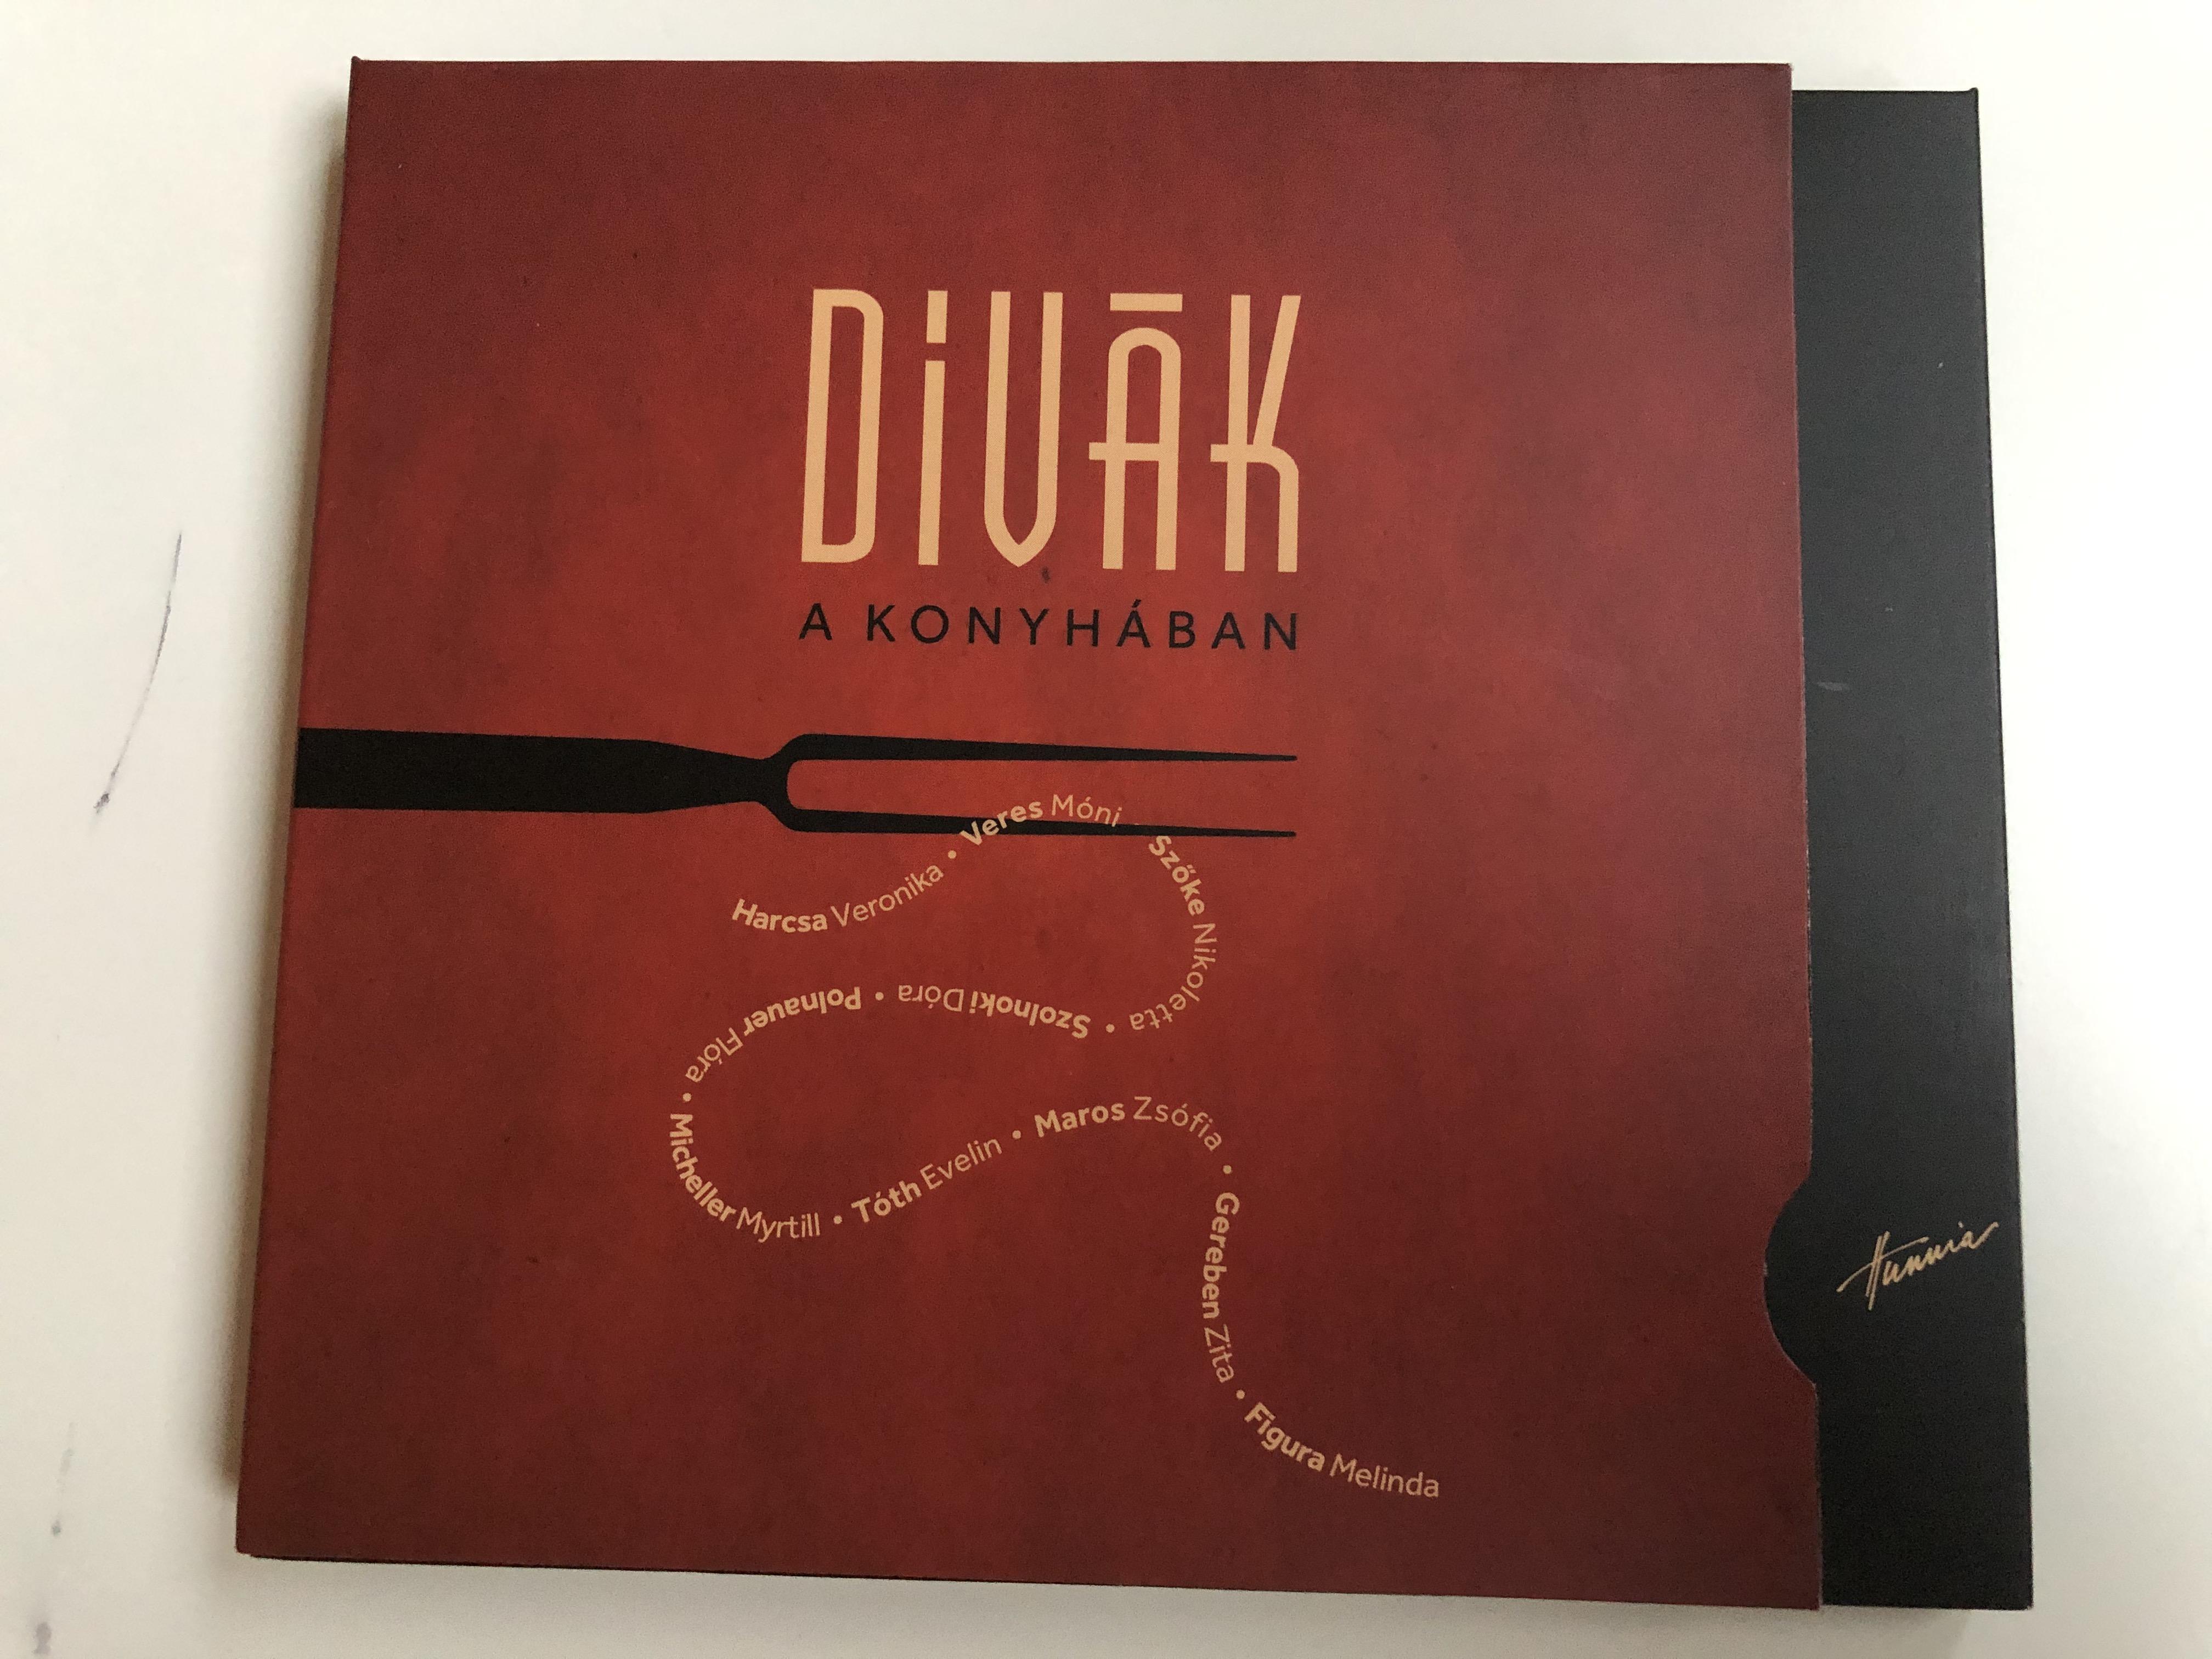 d-v-k-a-konyh-ban-hunnia-records-film-production-audio-cd-2010-hrcd-1009-1-.jpg